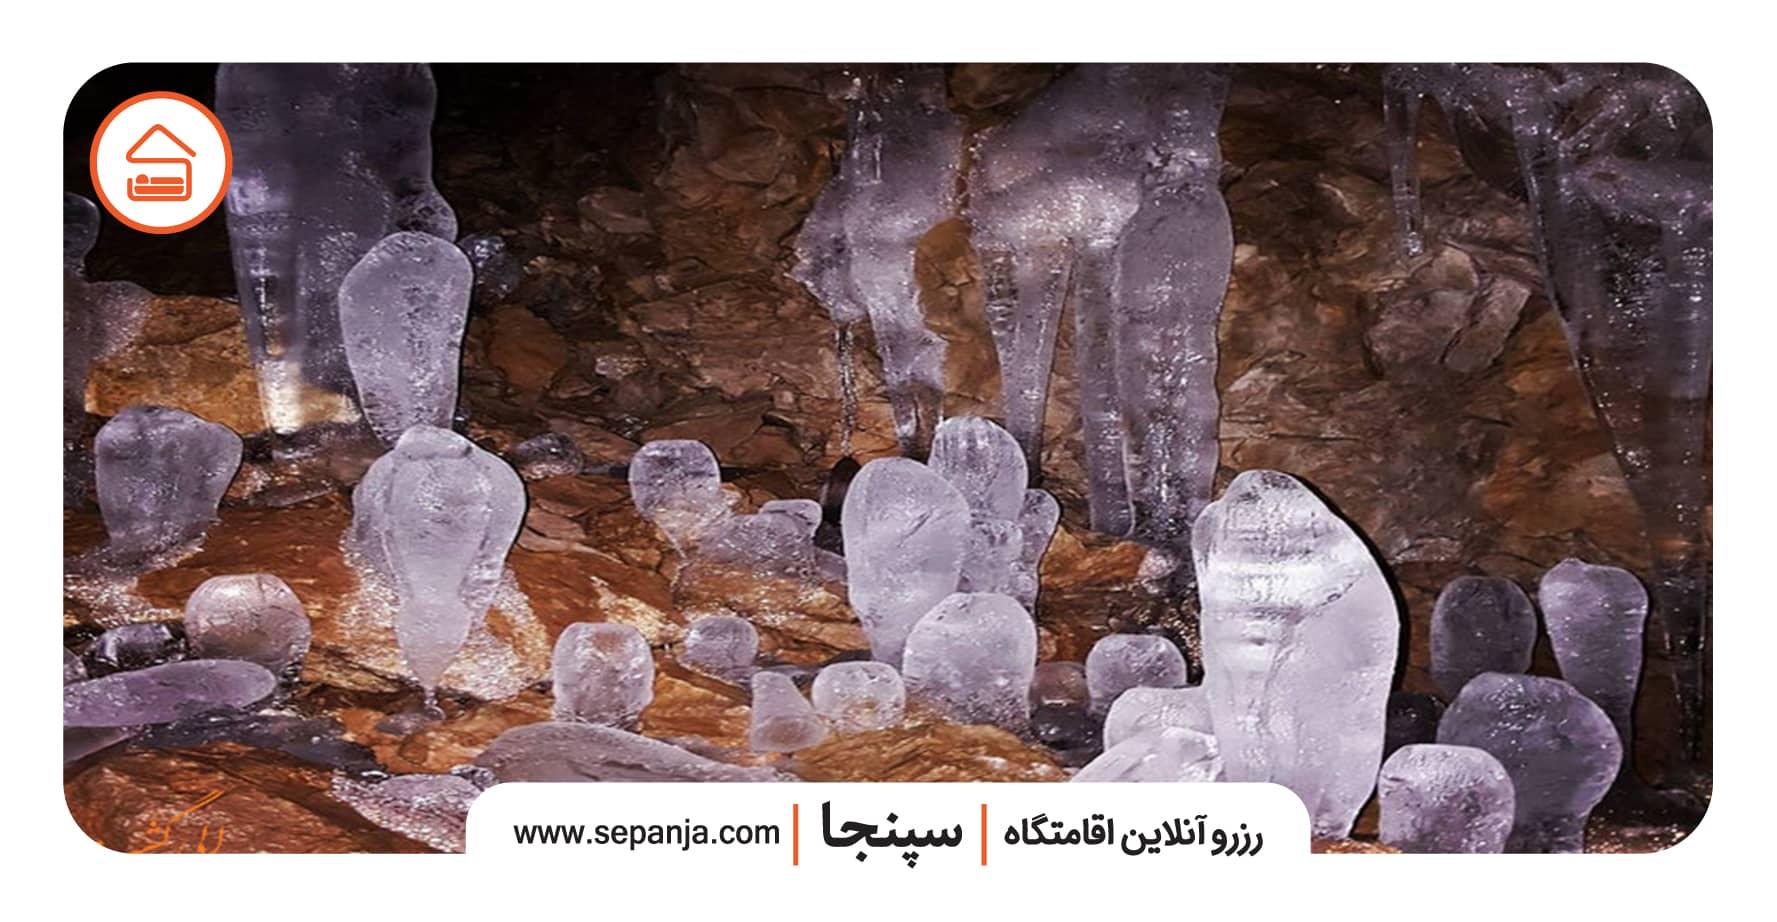 غار یخ مراد یکی از بهترین مکان های ناشناخته چالوس